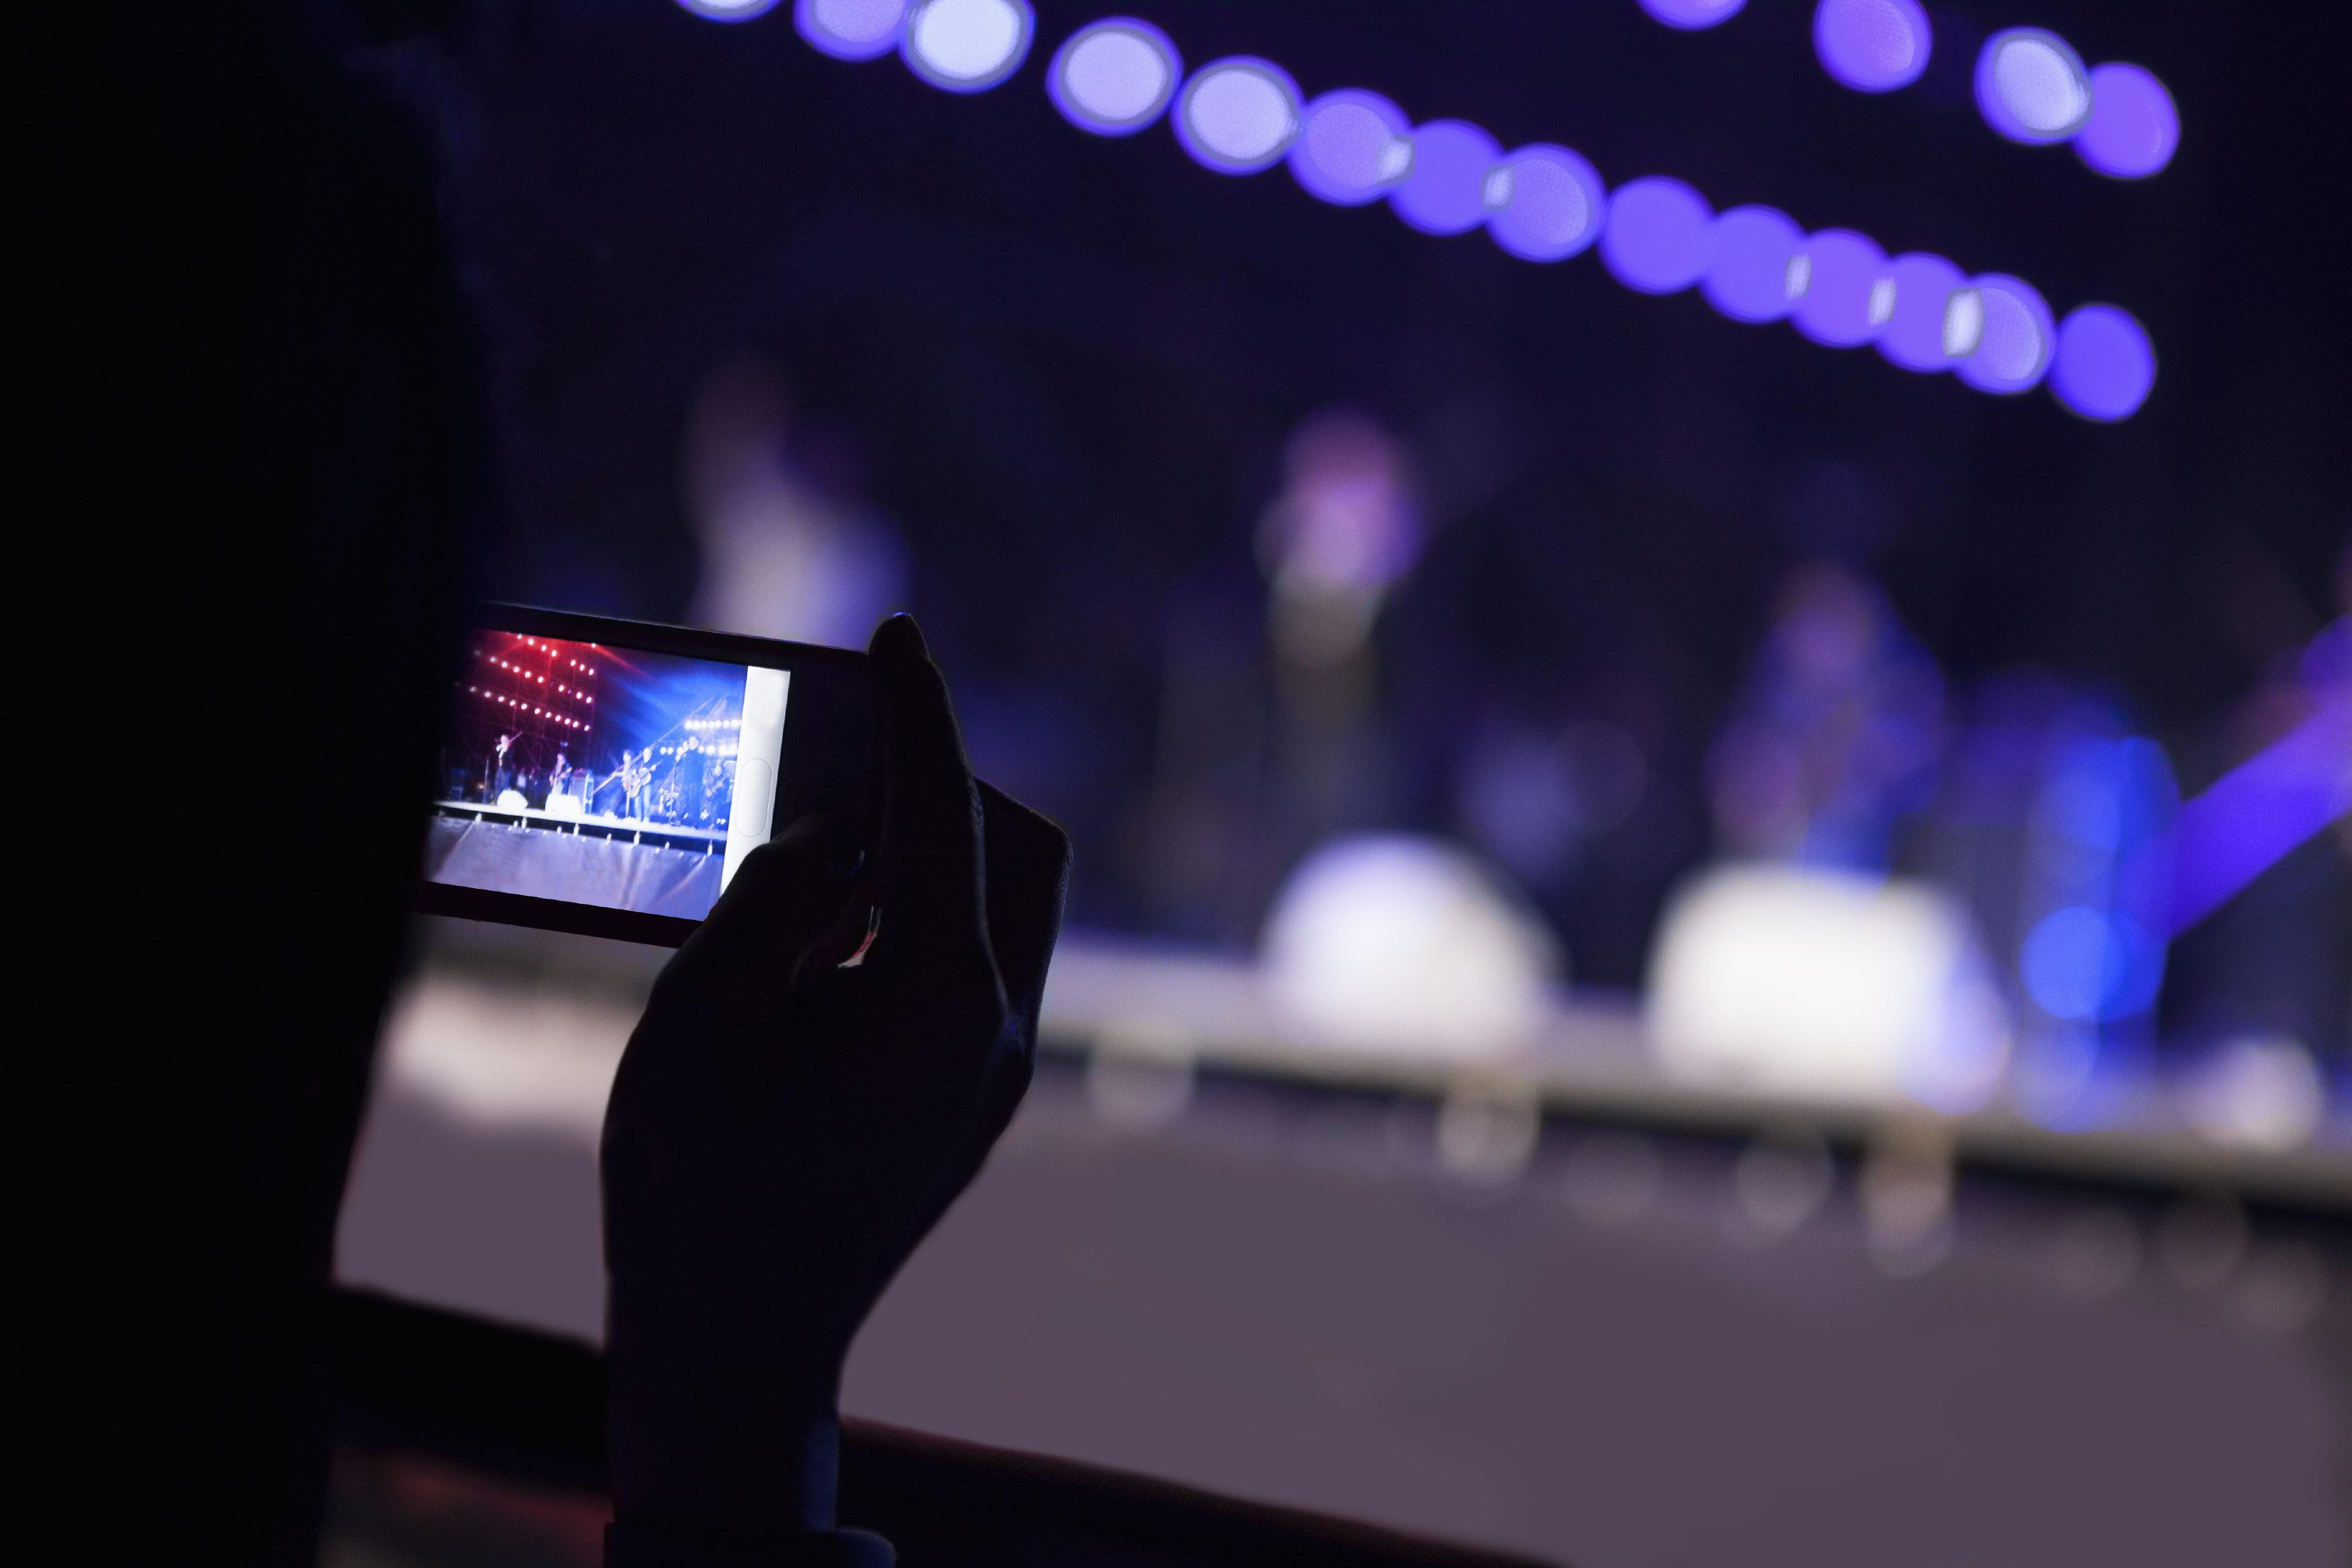 Làm sao để doanh nhân tận dụng hiệu quả live stream?